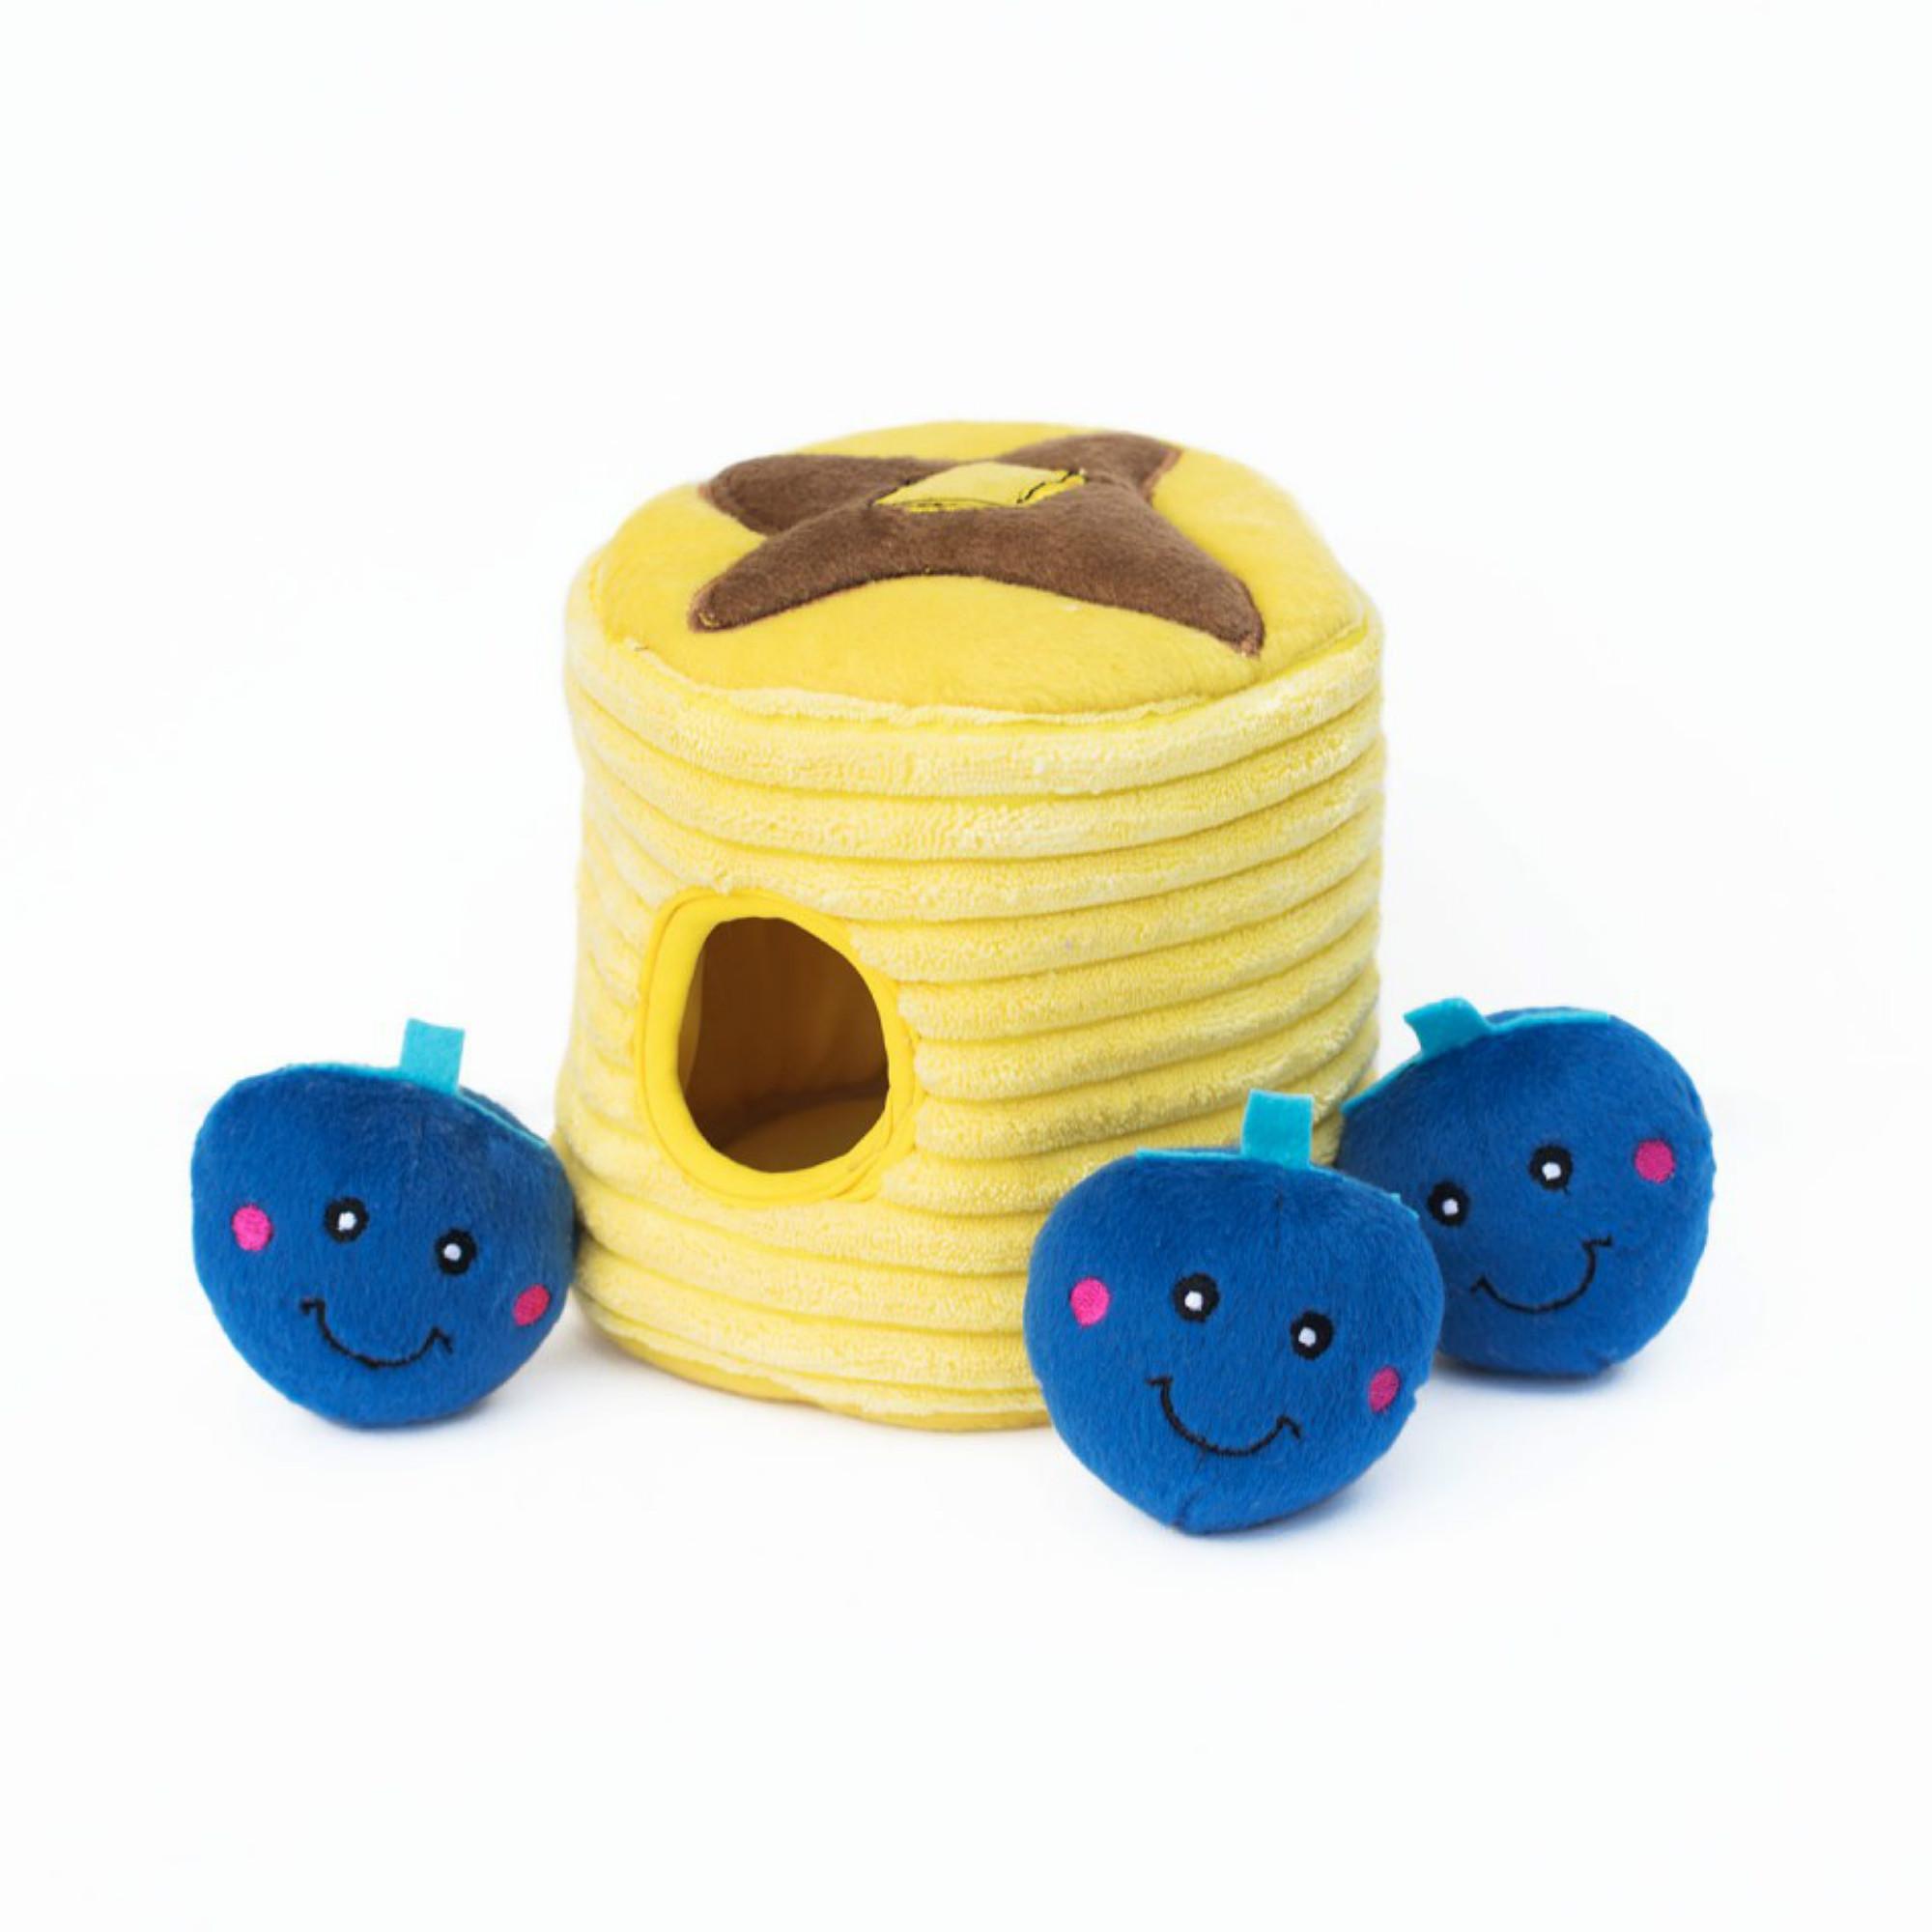 ZippyPaws Burrow Dog Toy - Blueberry Pancakes